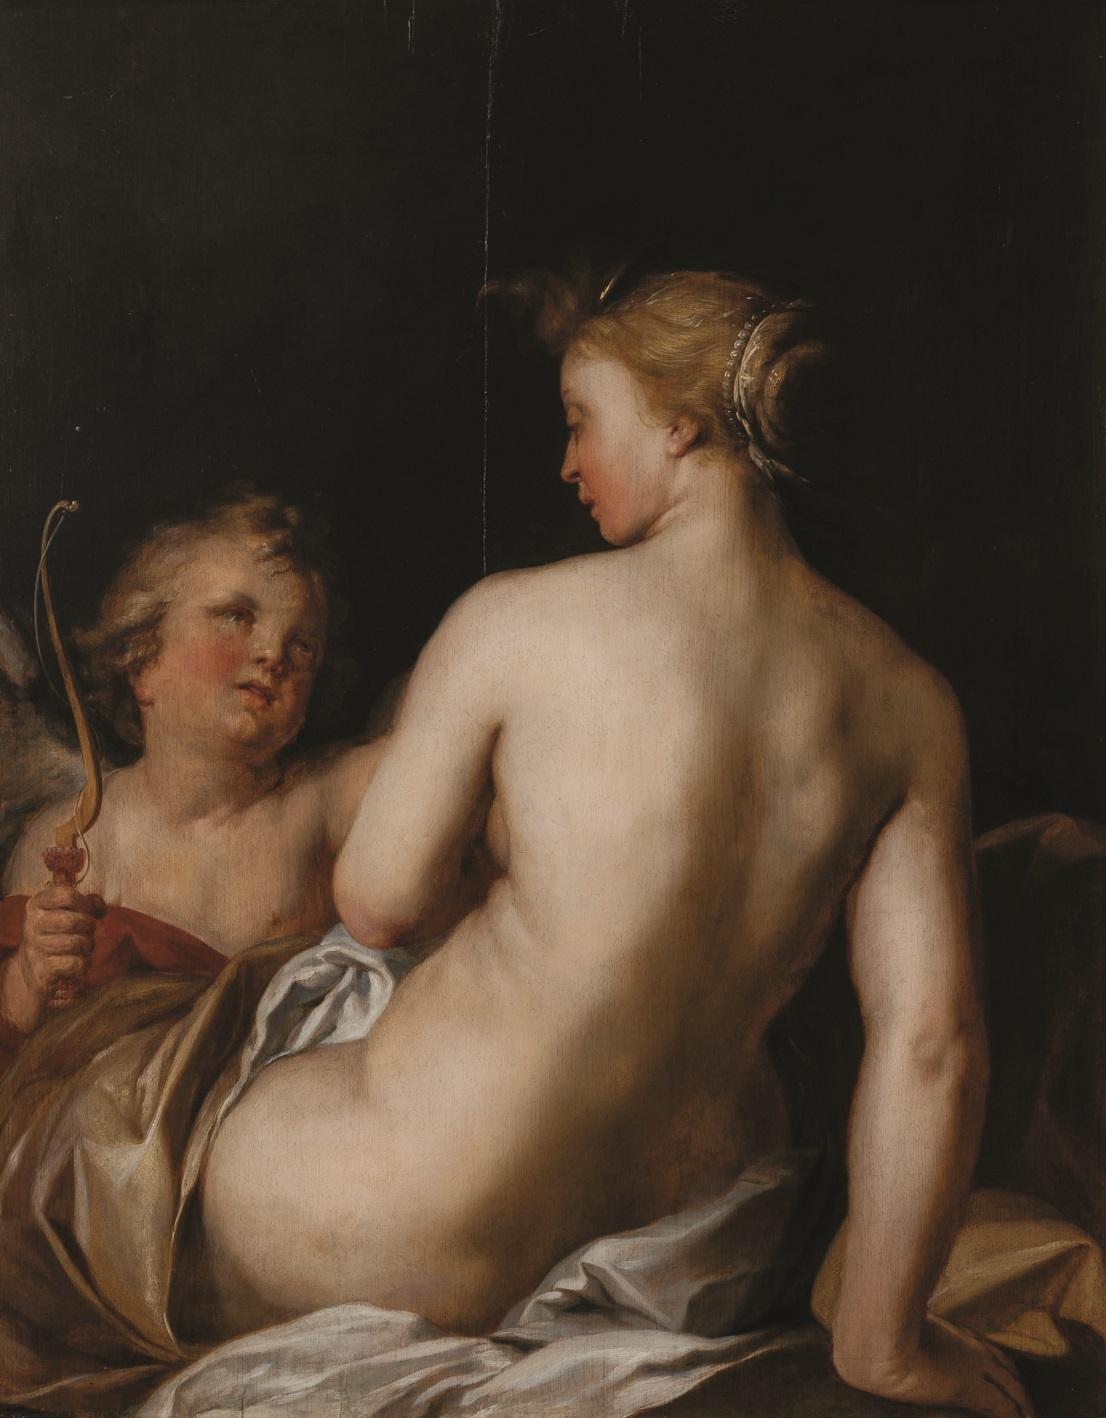 Abraham Bloemaert - Venus si Amor, 1635-1640